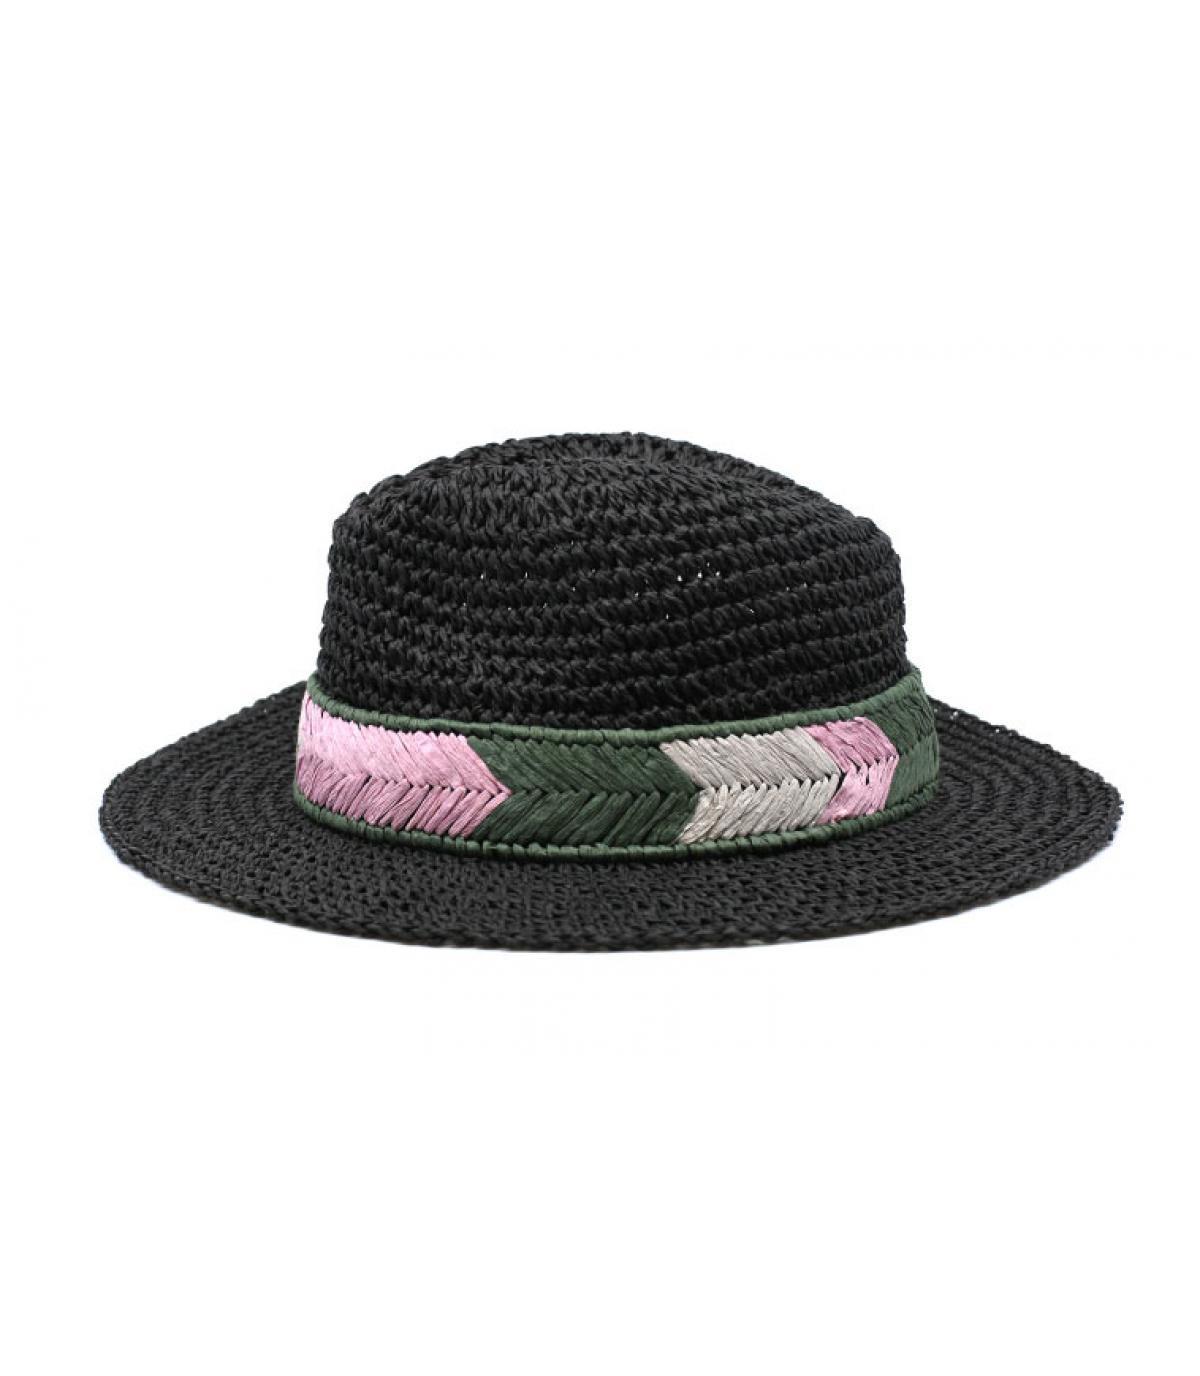 sombrero paja negro